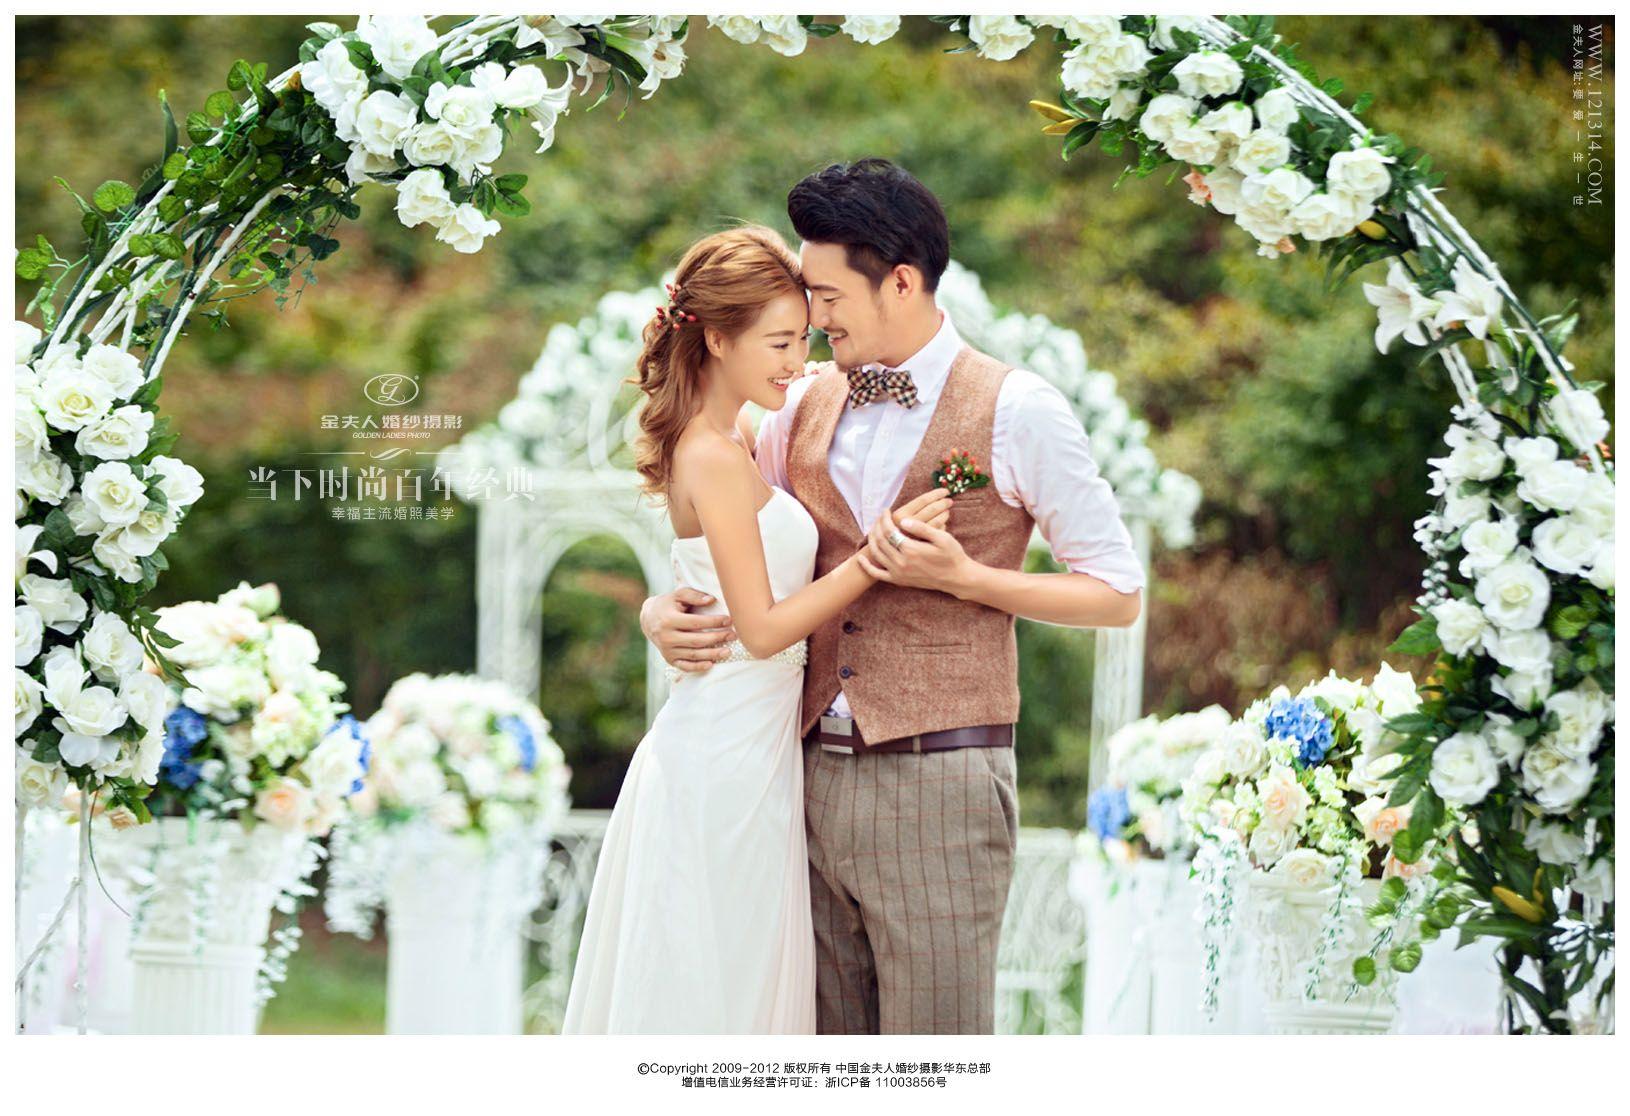 on location bridal shoot, flower door/arch